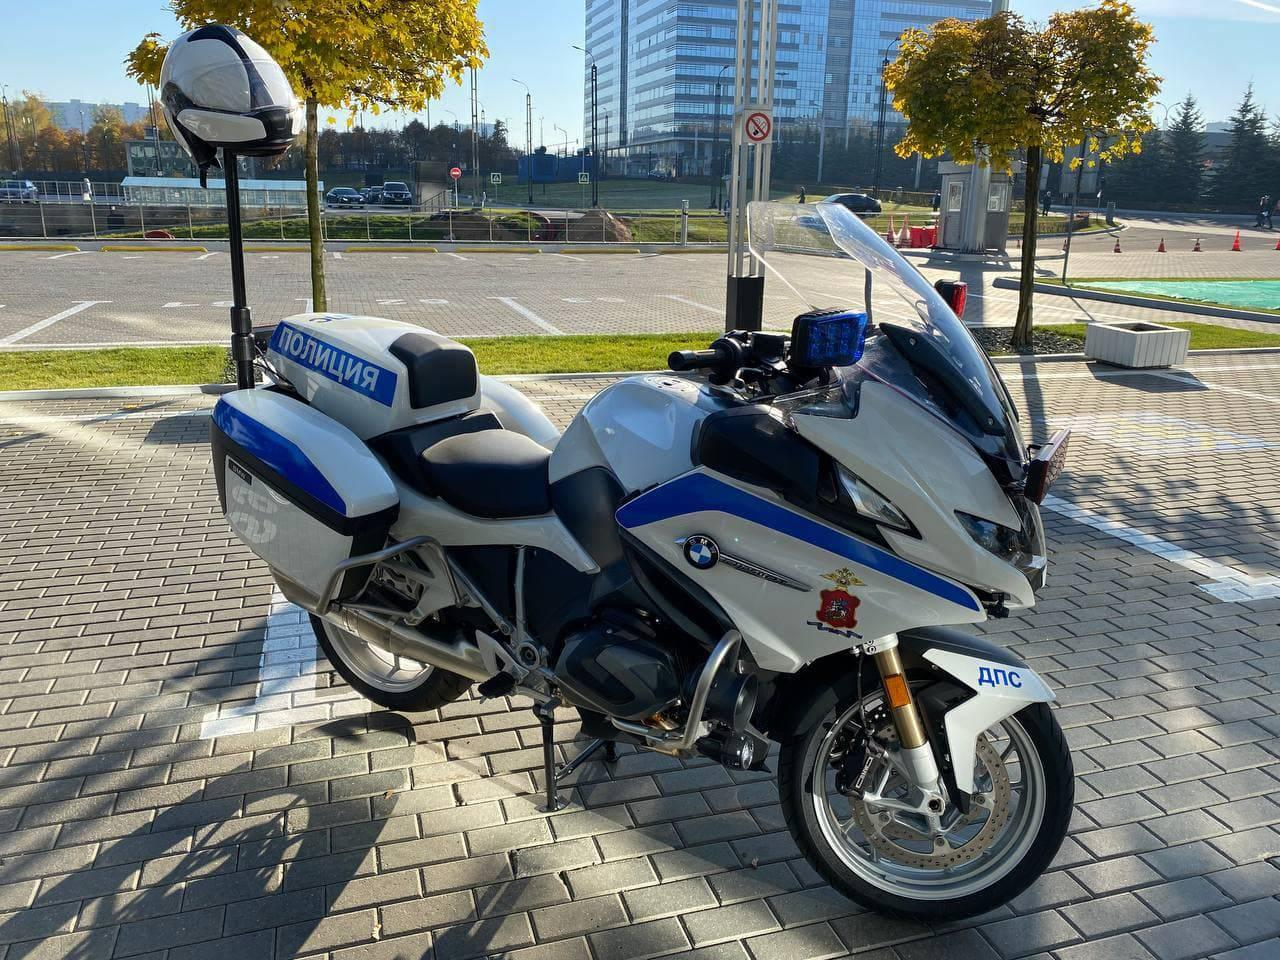 Скорость и маневренность. Подмосковной ГИБДД вручили 19 новых мотоциклов BMW | Изображение 4